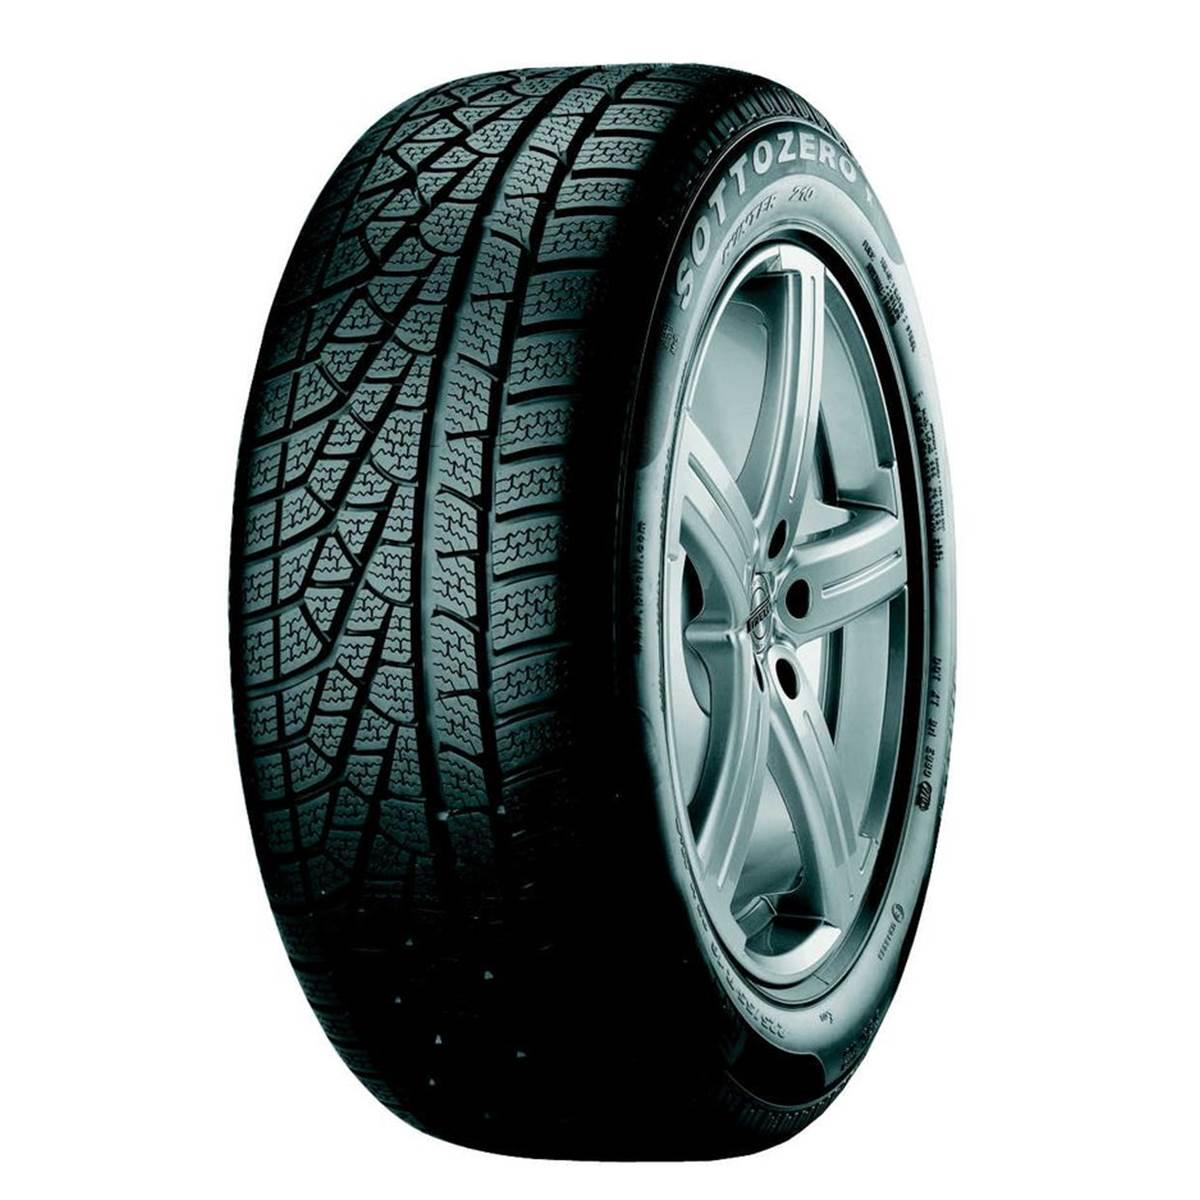 Pneu Hiver Pirelli 205/50R17 93V Winter Sottozero 3 XL